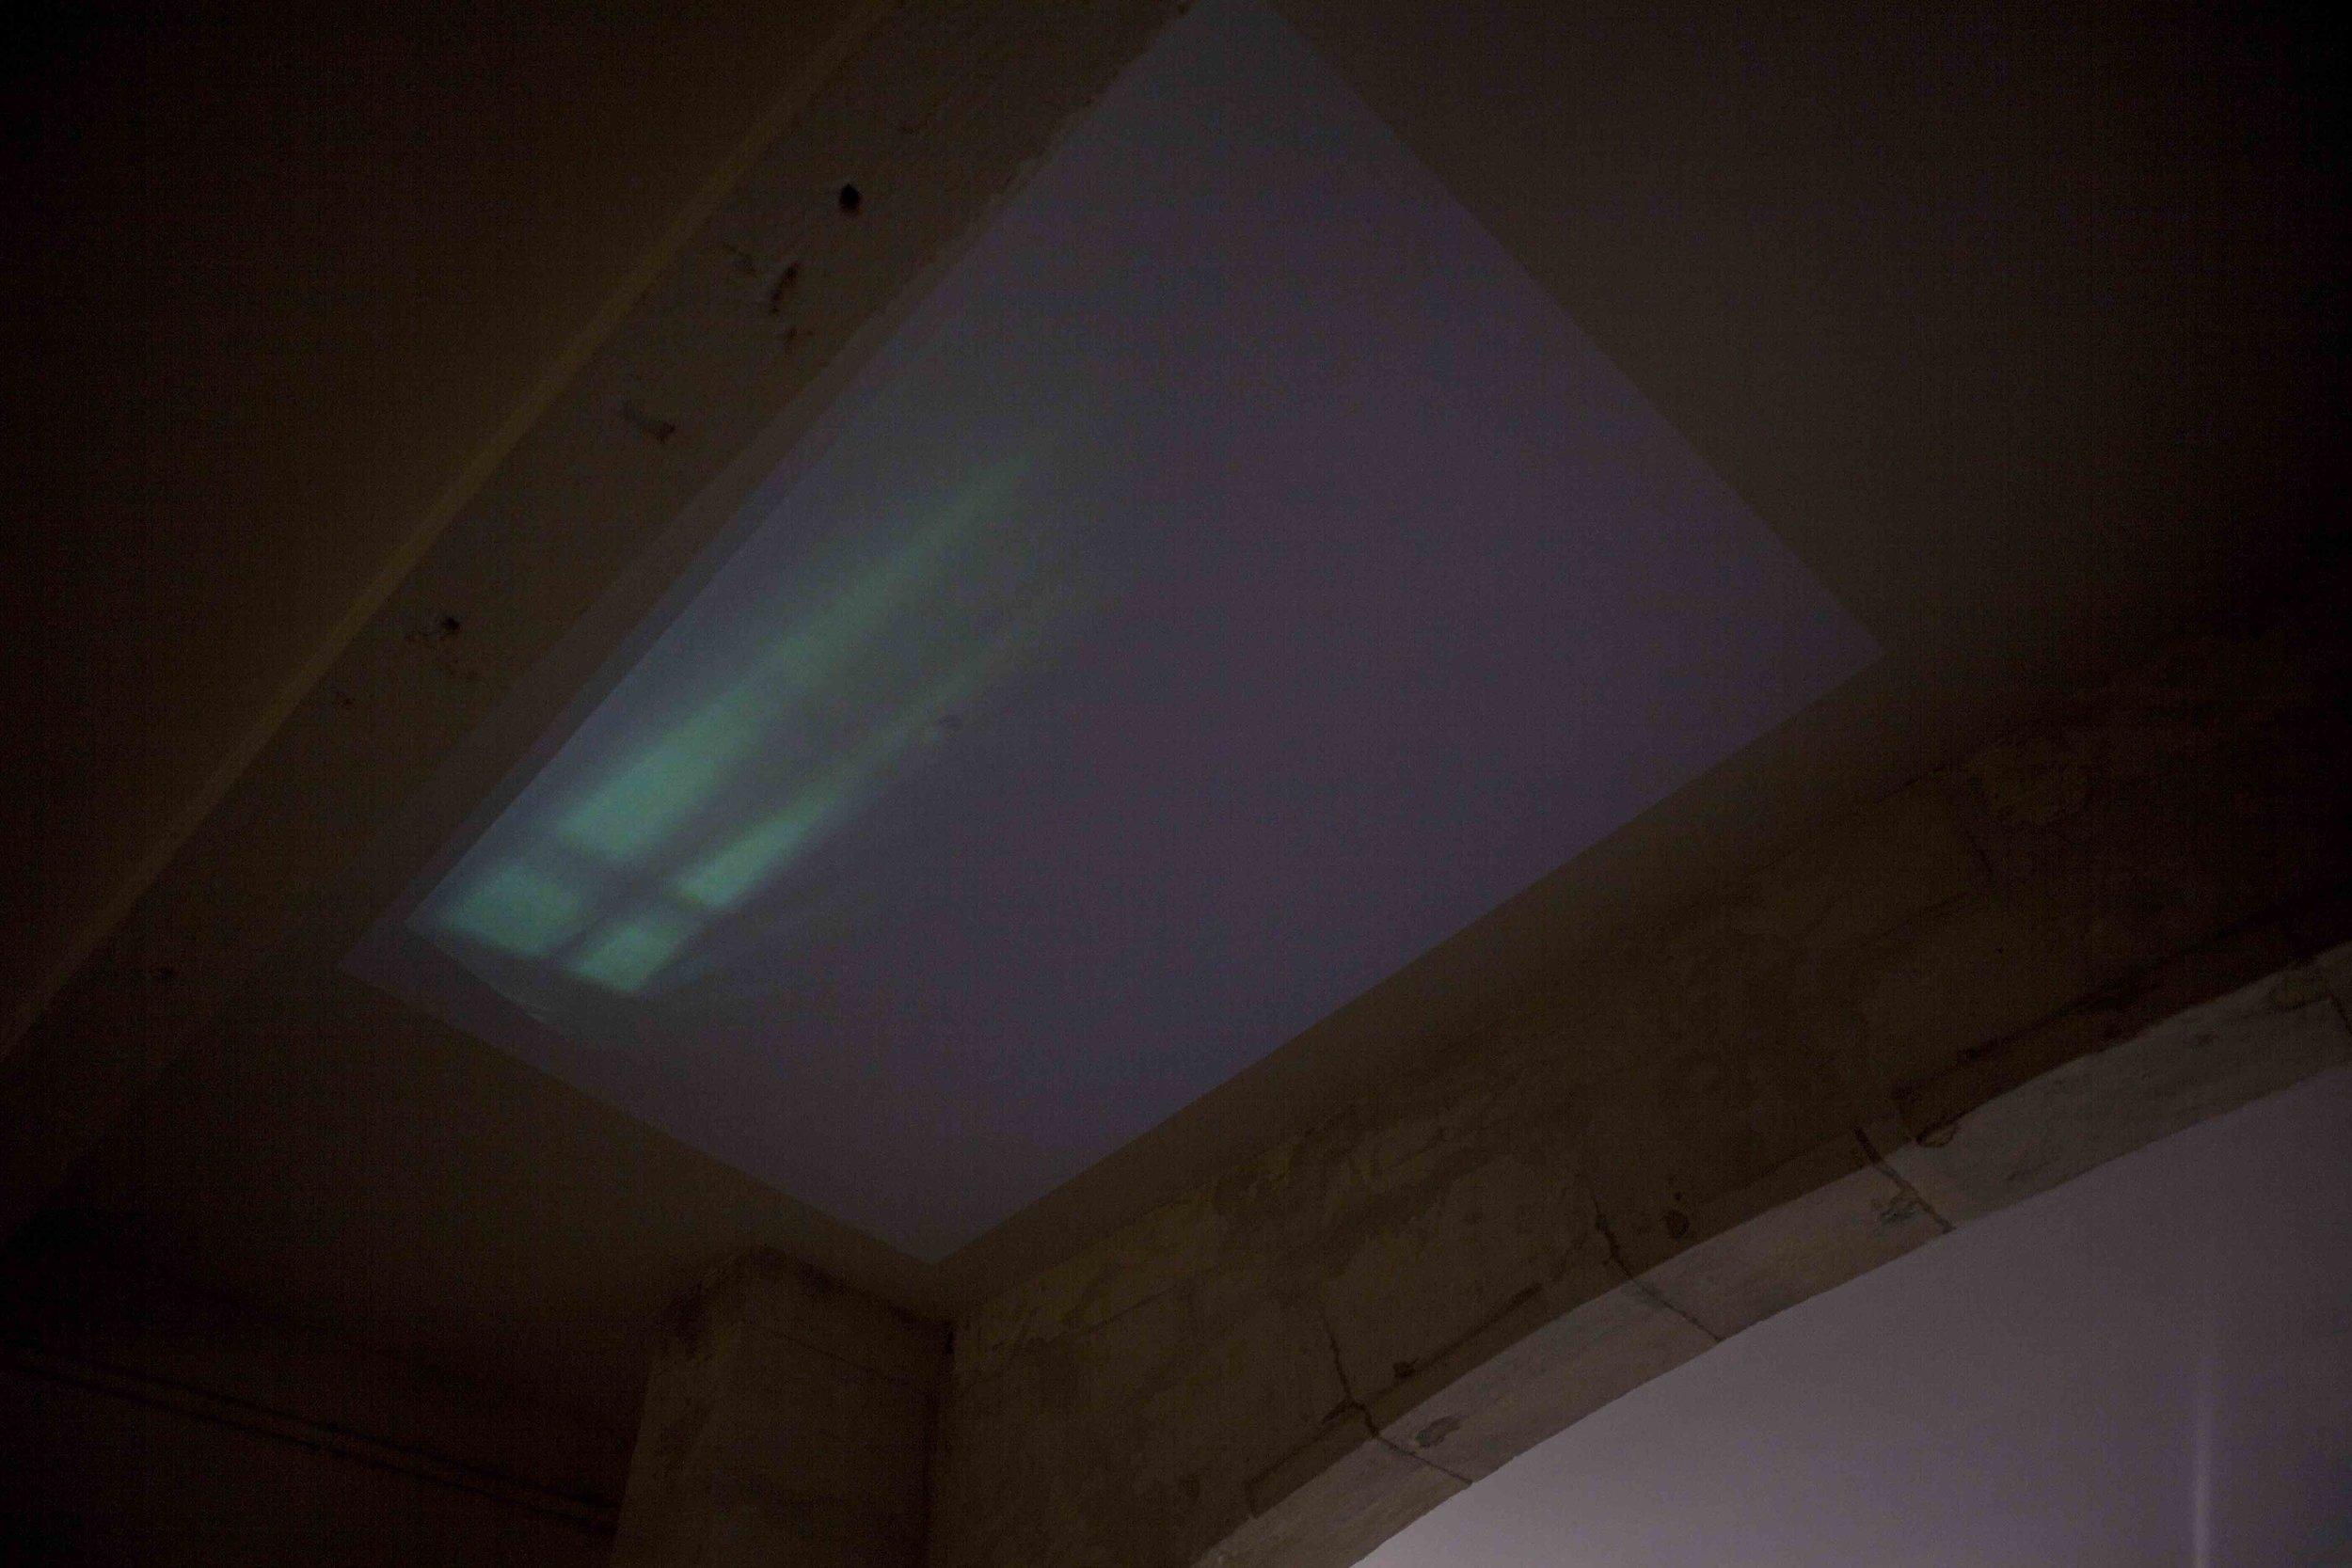 aura sur plafond dans chambre d'hôtel, Turin, ville du Saint-Suaire , 2015  Exposéà 4x6, non title event , Session 1, février 2016